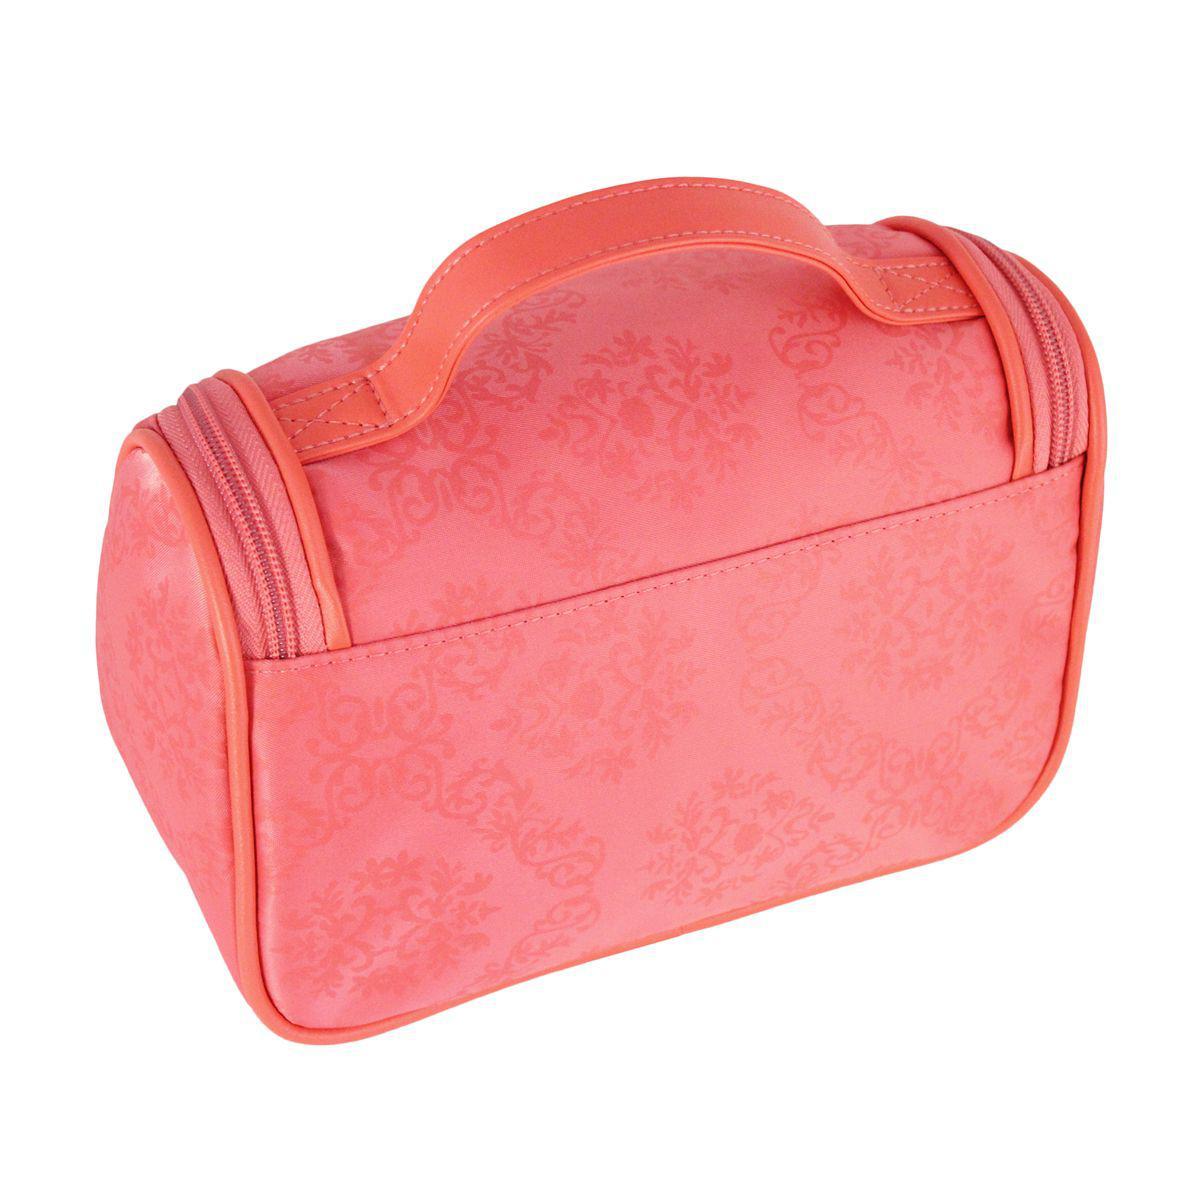 90fff7334 Bolsinha necessaire com gancho viagem academia estampa damasco jacki design  salmão R$ 36,04 à vista. Adicionar à sacola